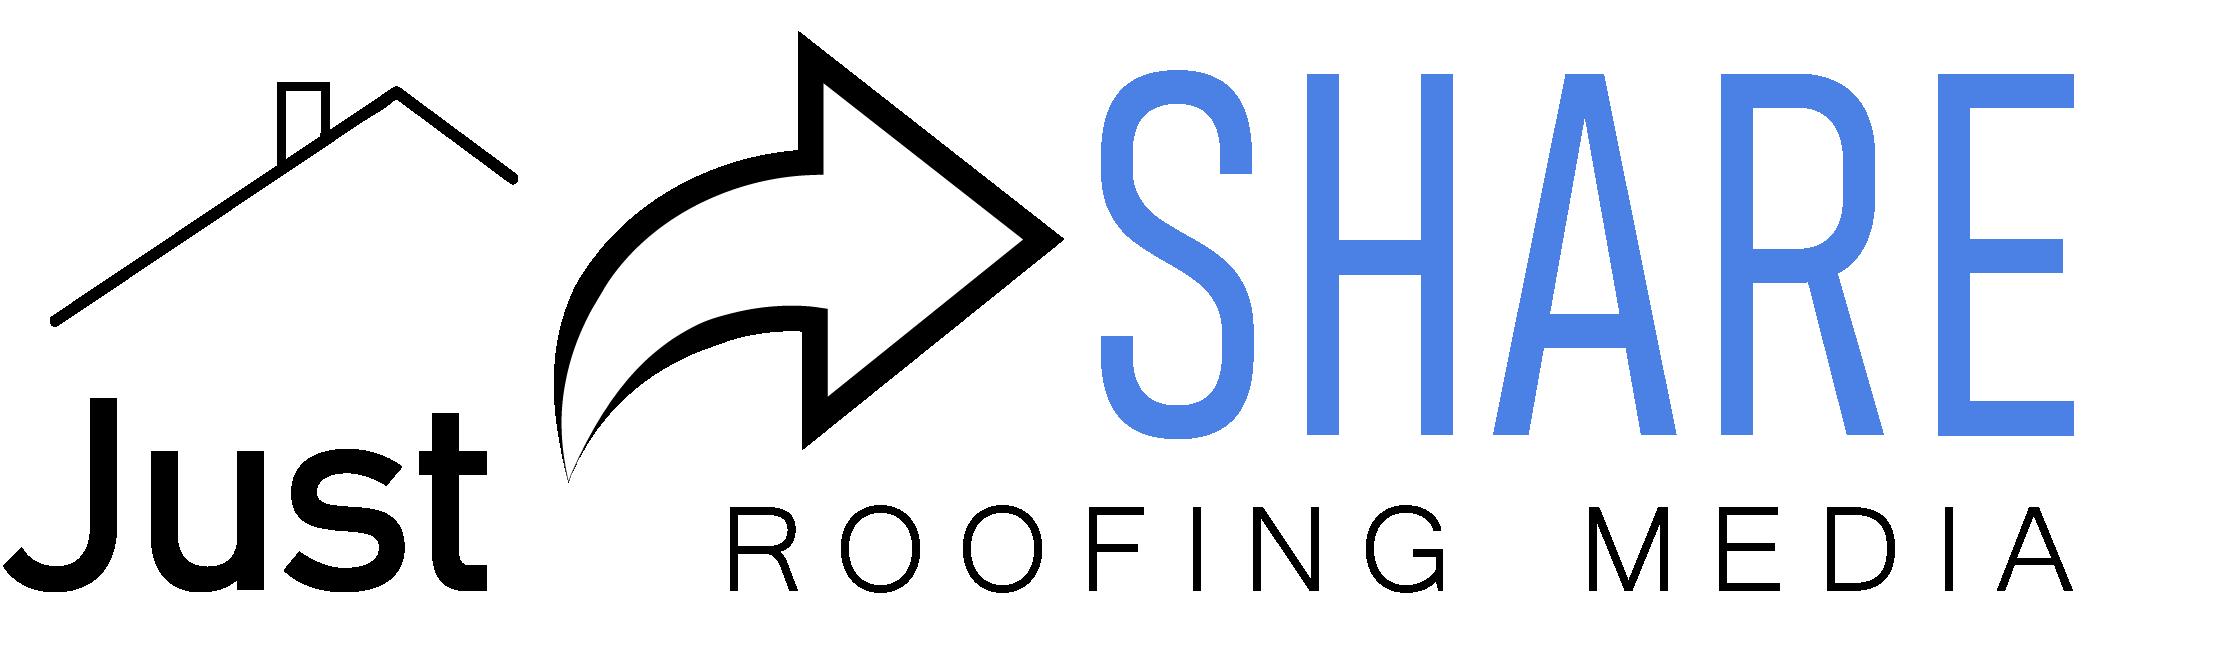 Just Share Media Logo